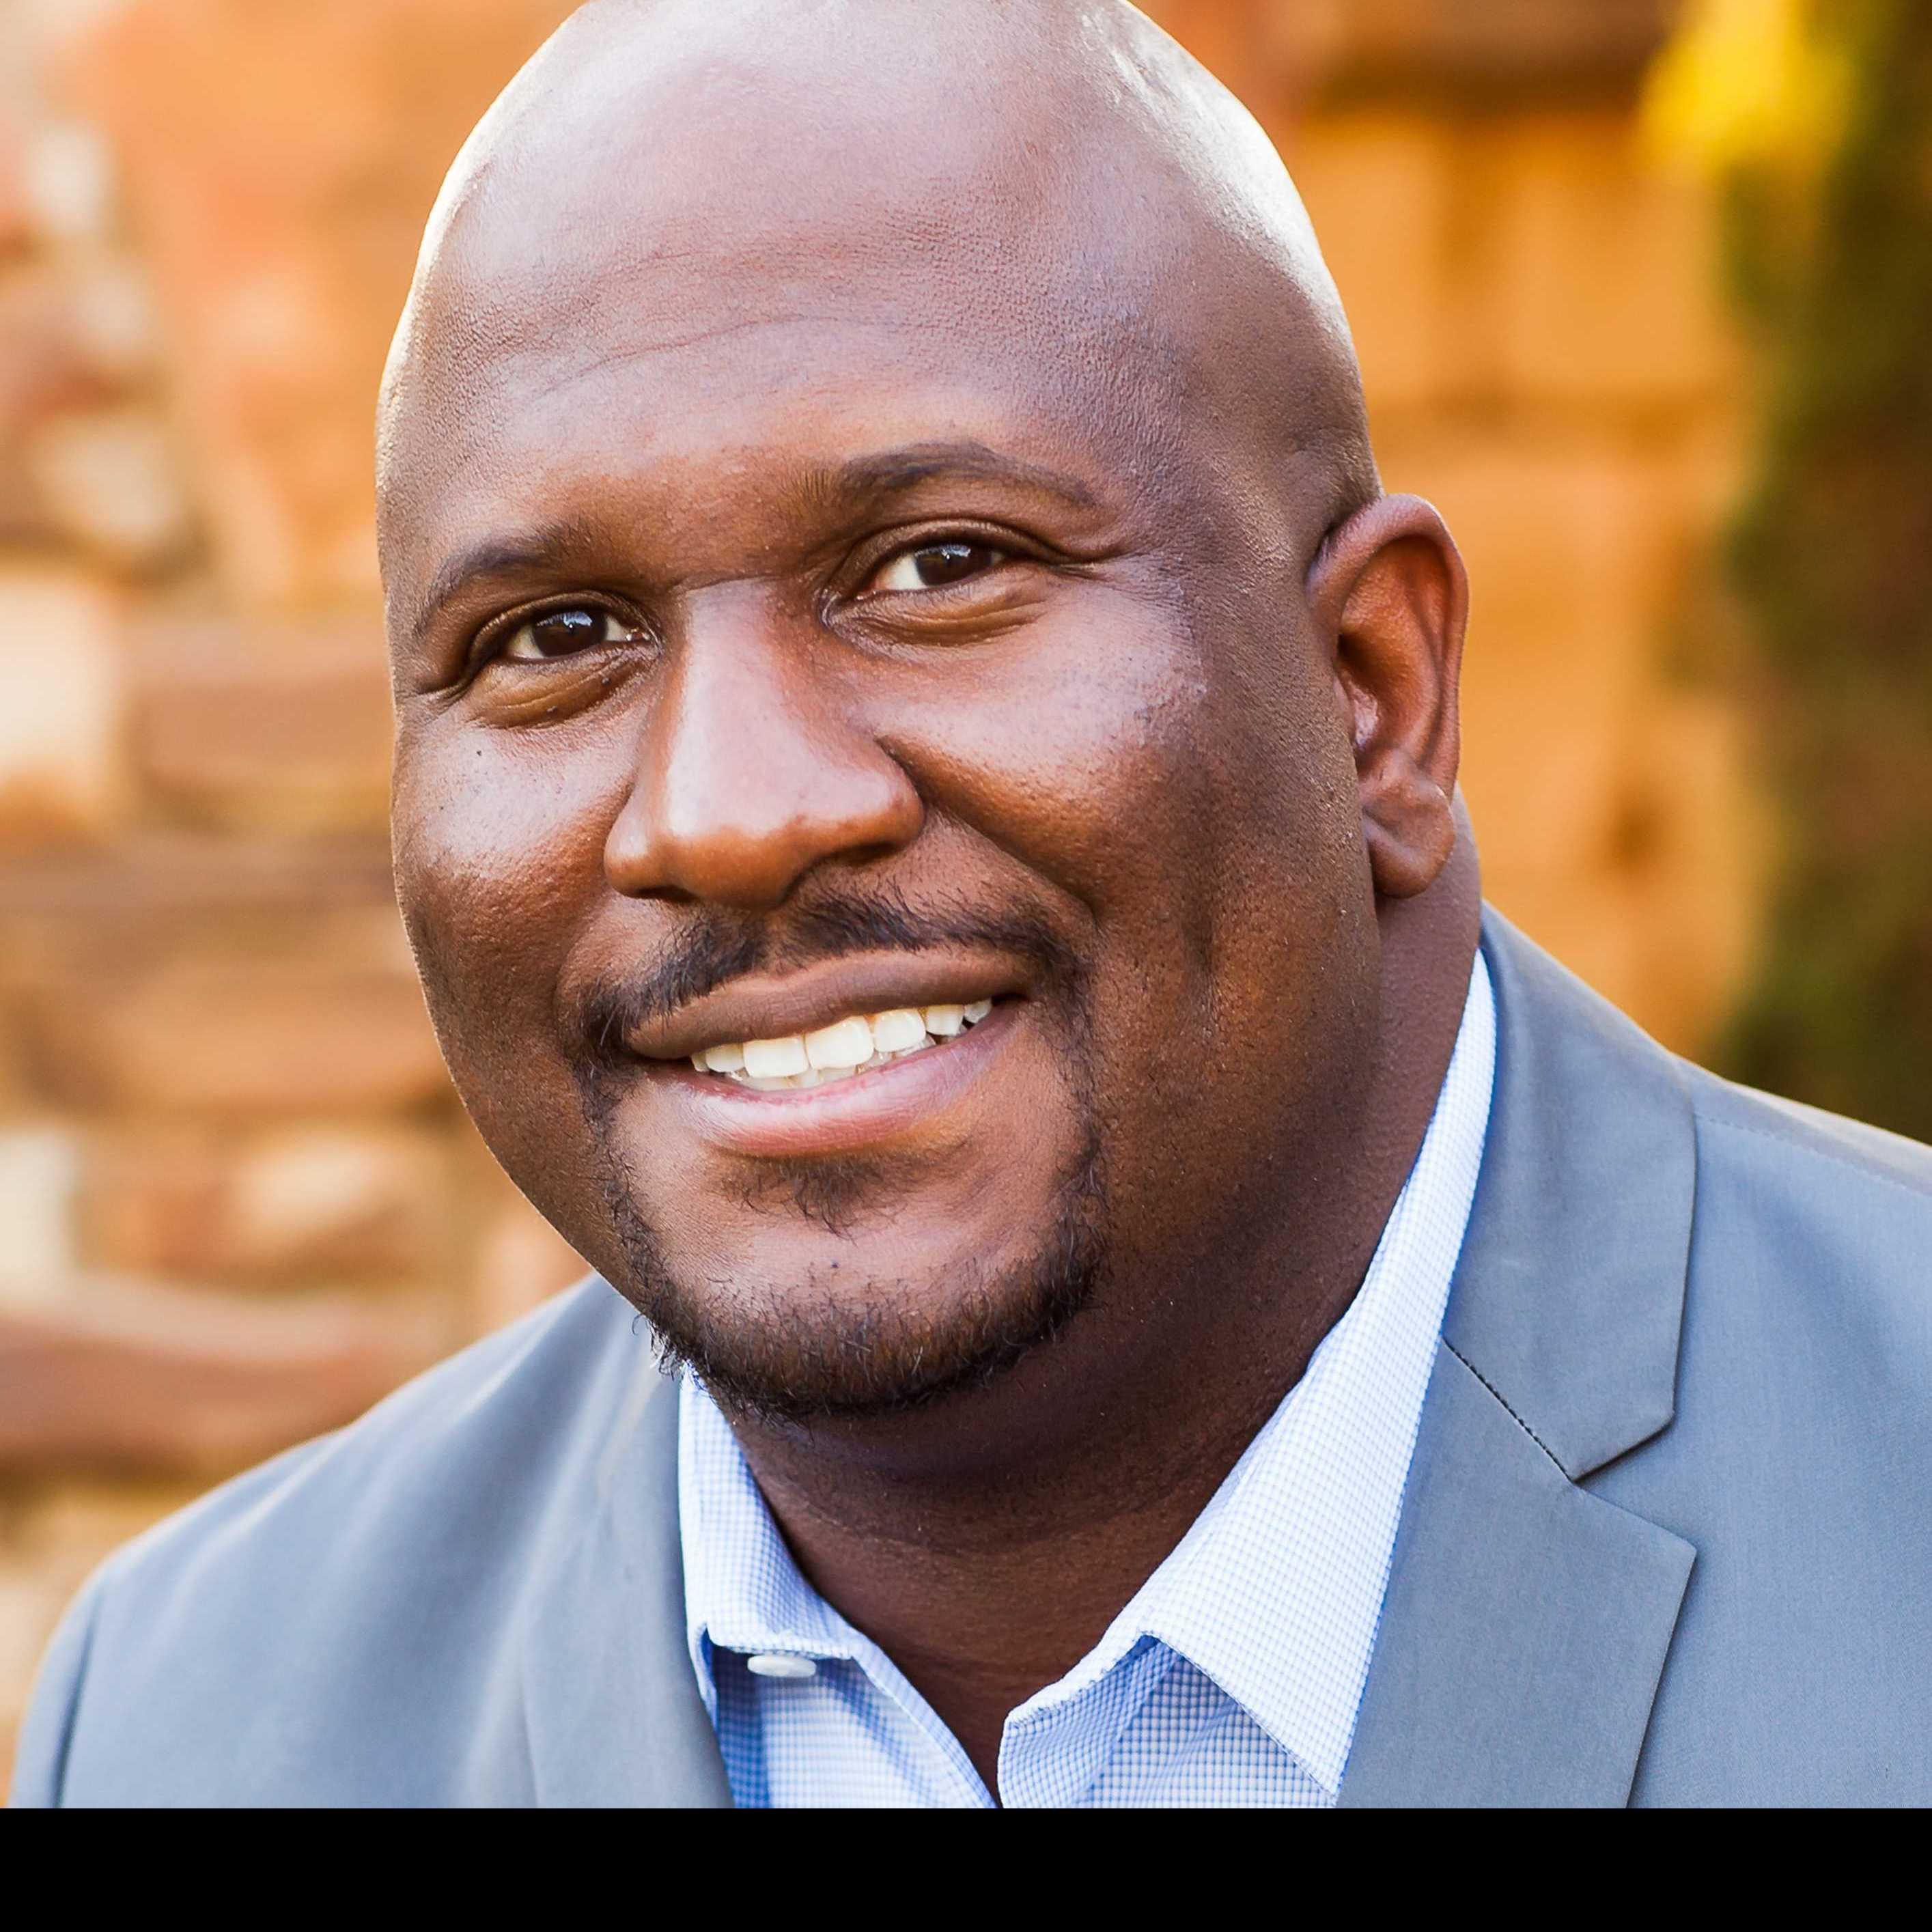 Sudan Johnson